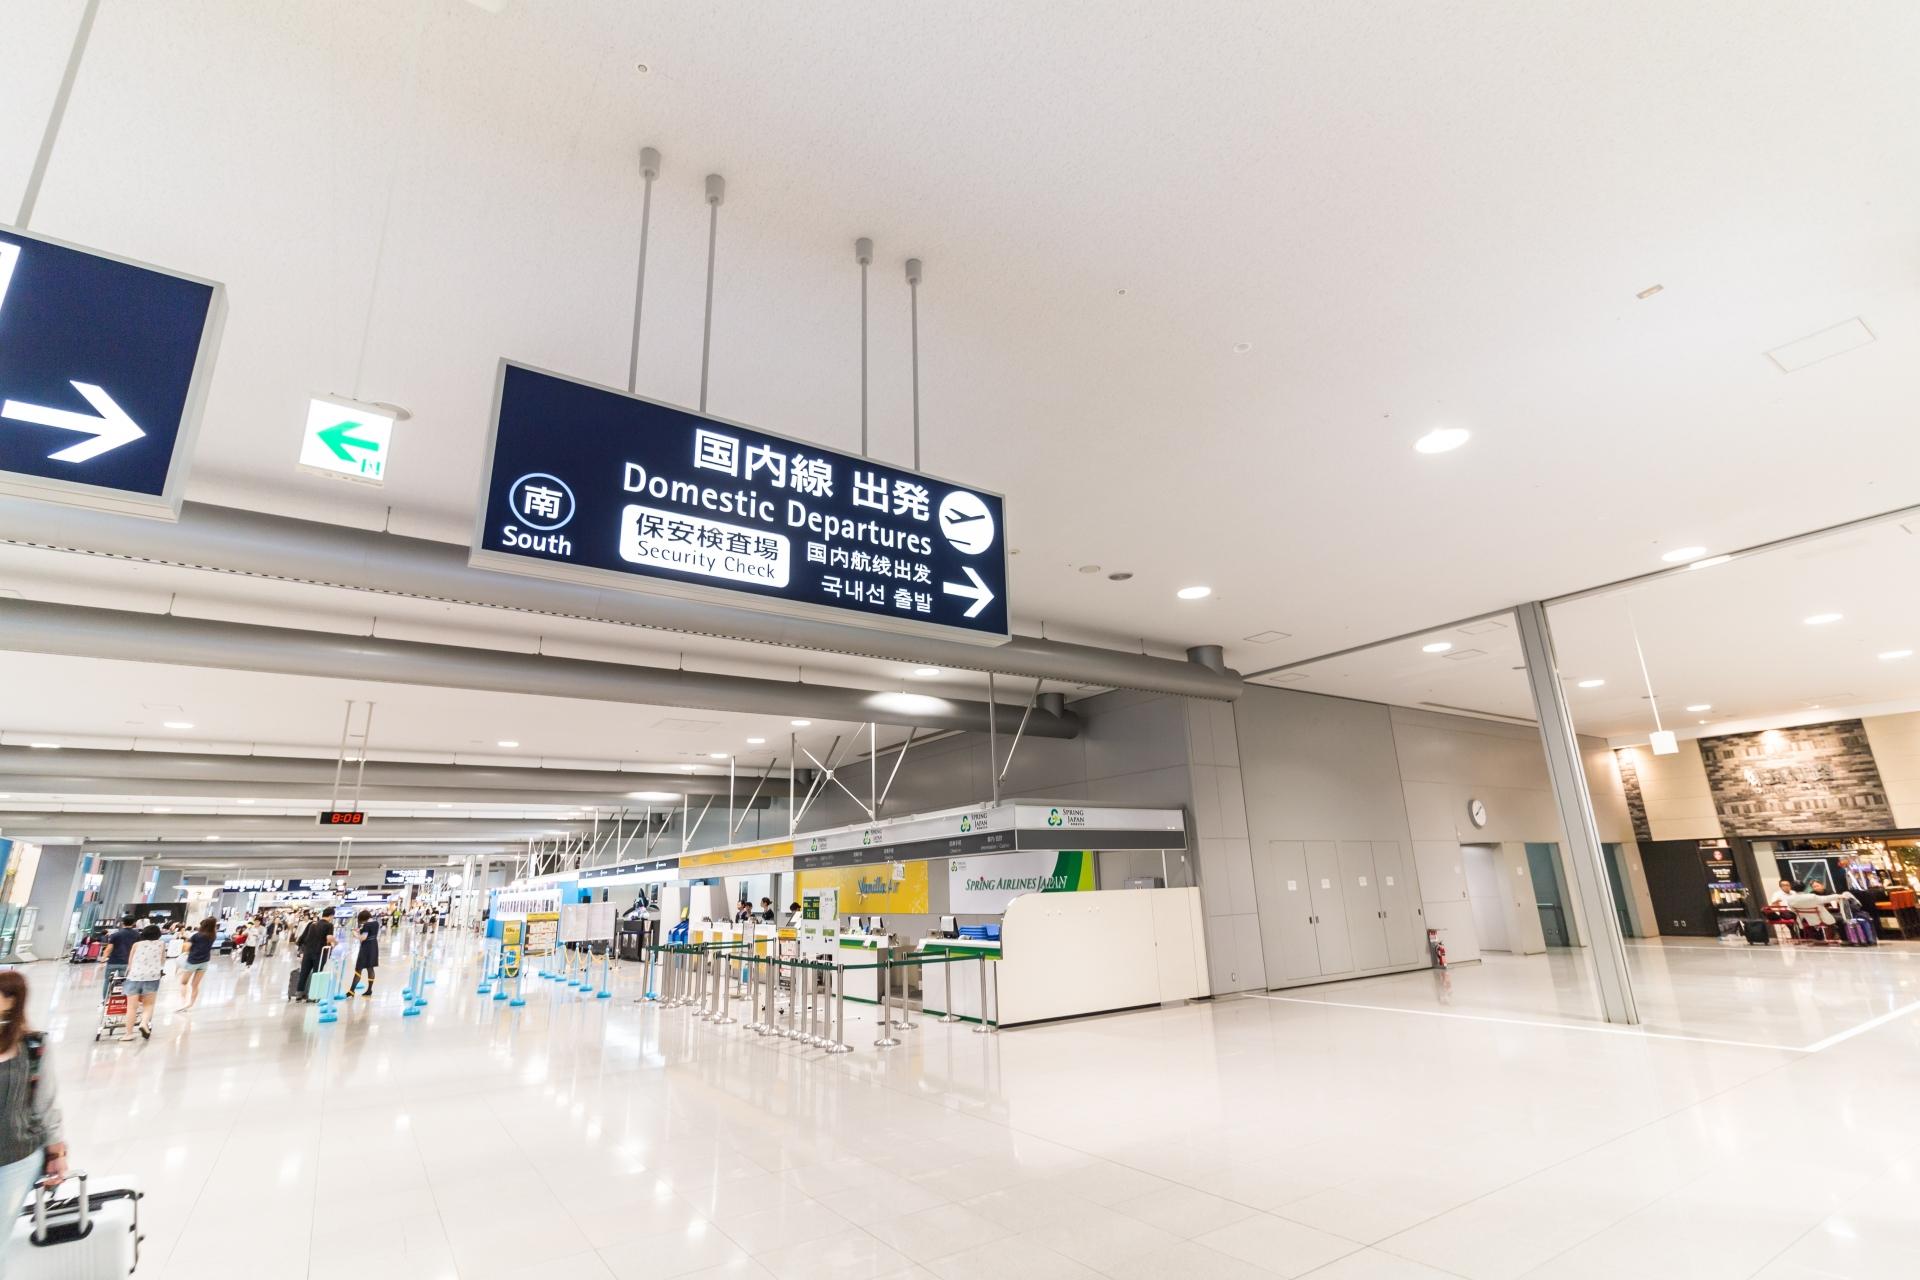 関西空港の早朝便を利用するなら前泊しよう!子連れにおすすめのホテル3選!